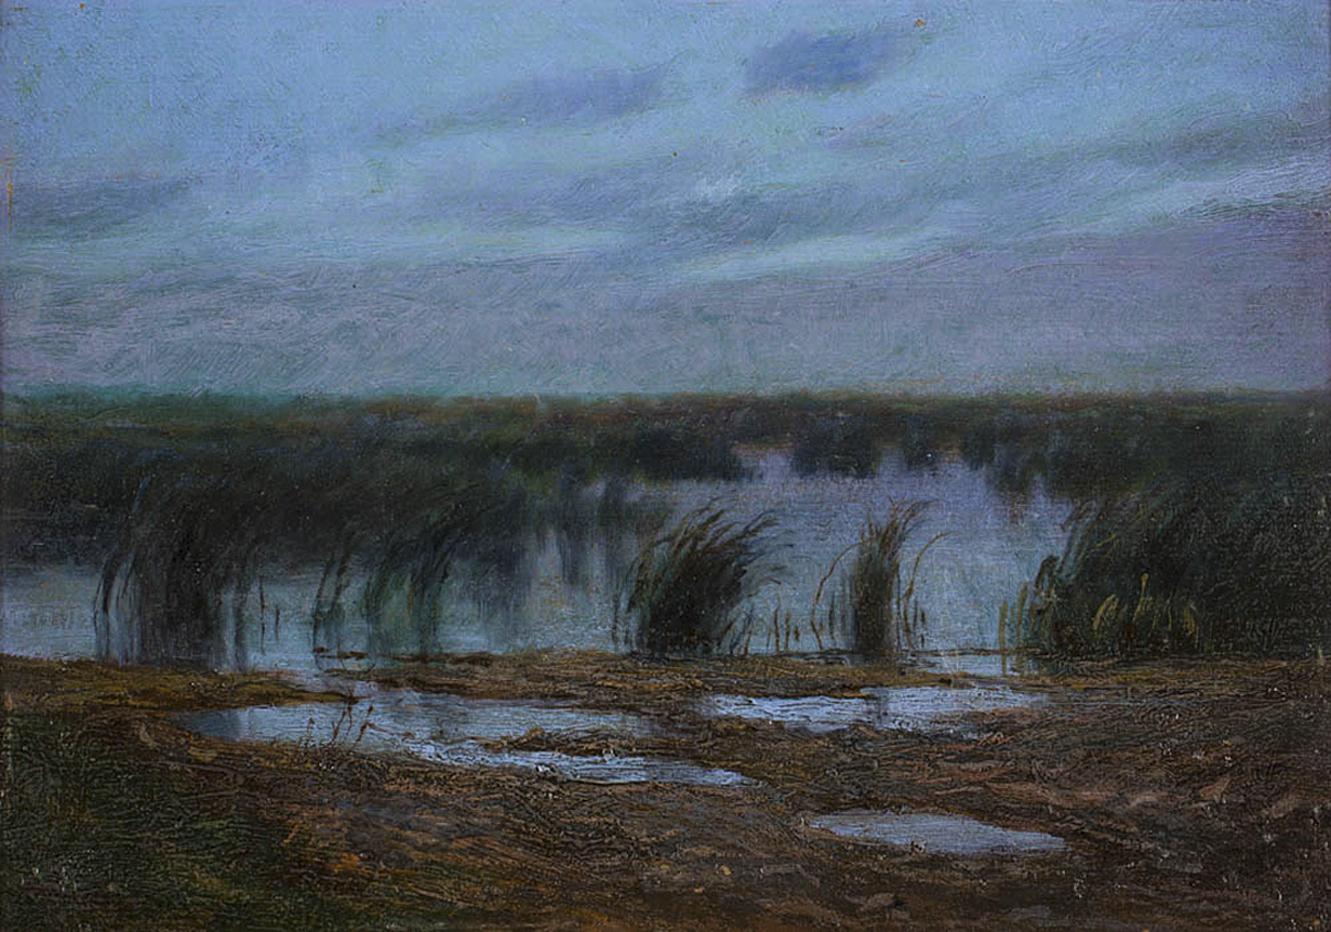 Марцелій Гарасимович. Сутінки на заплавах, 1922; картон, олія, 25х34 см